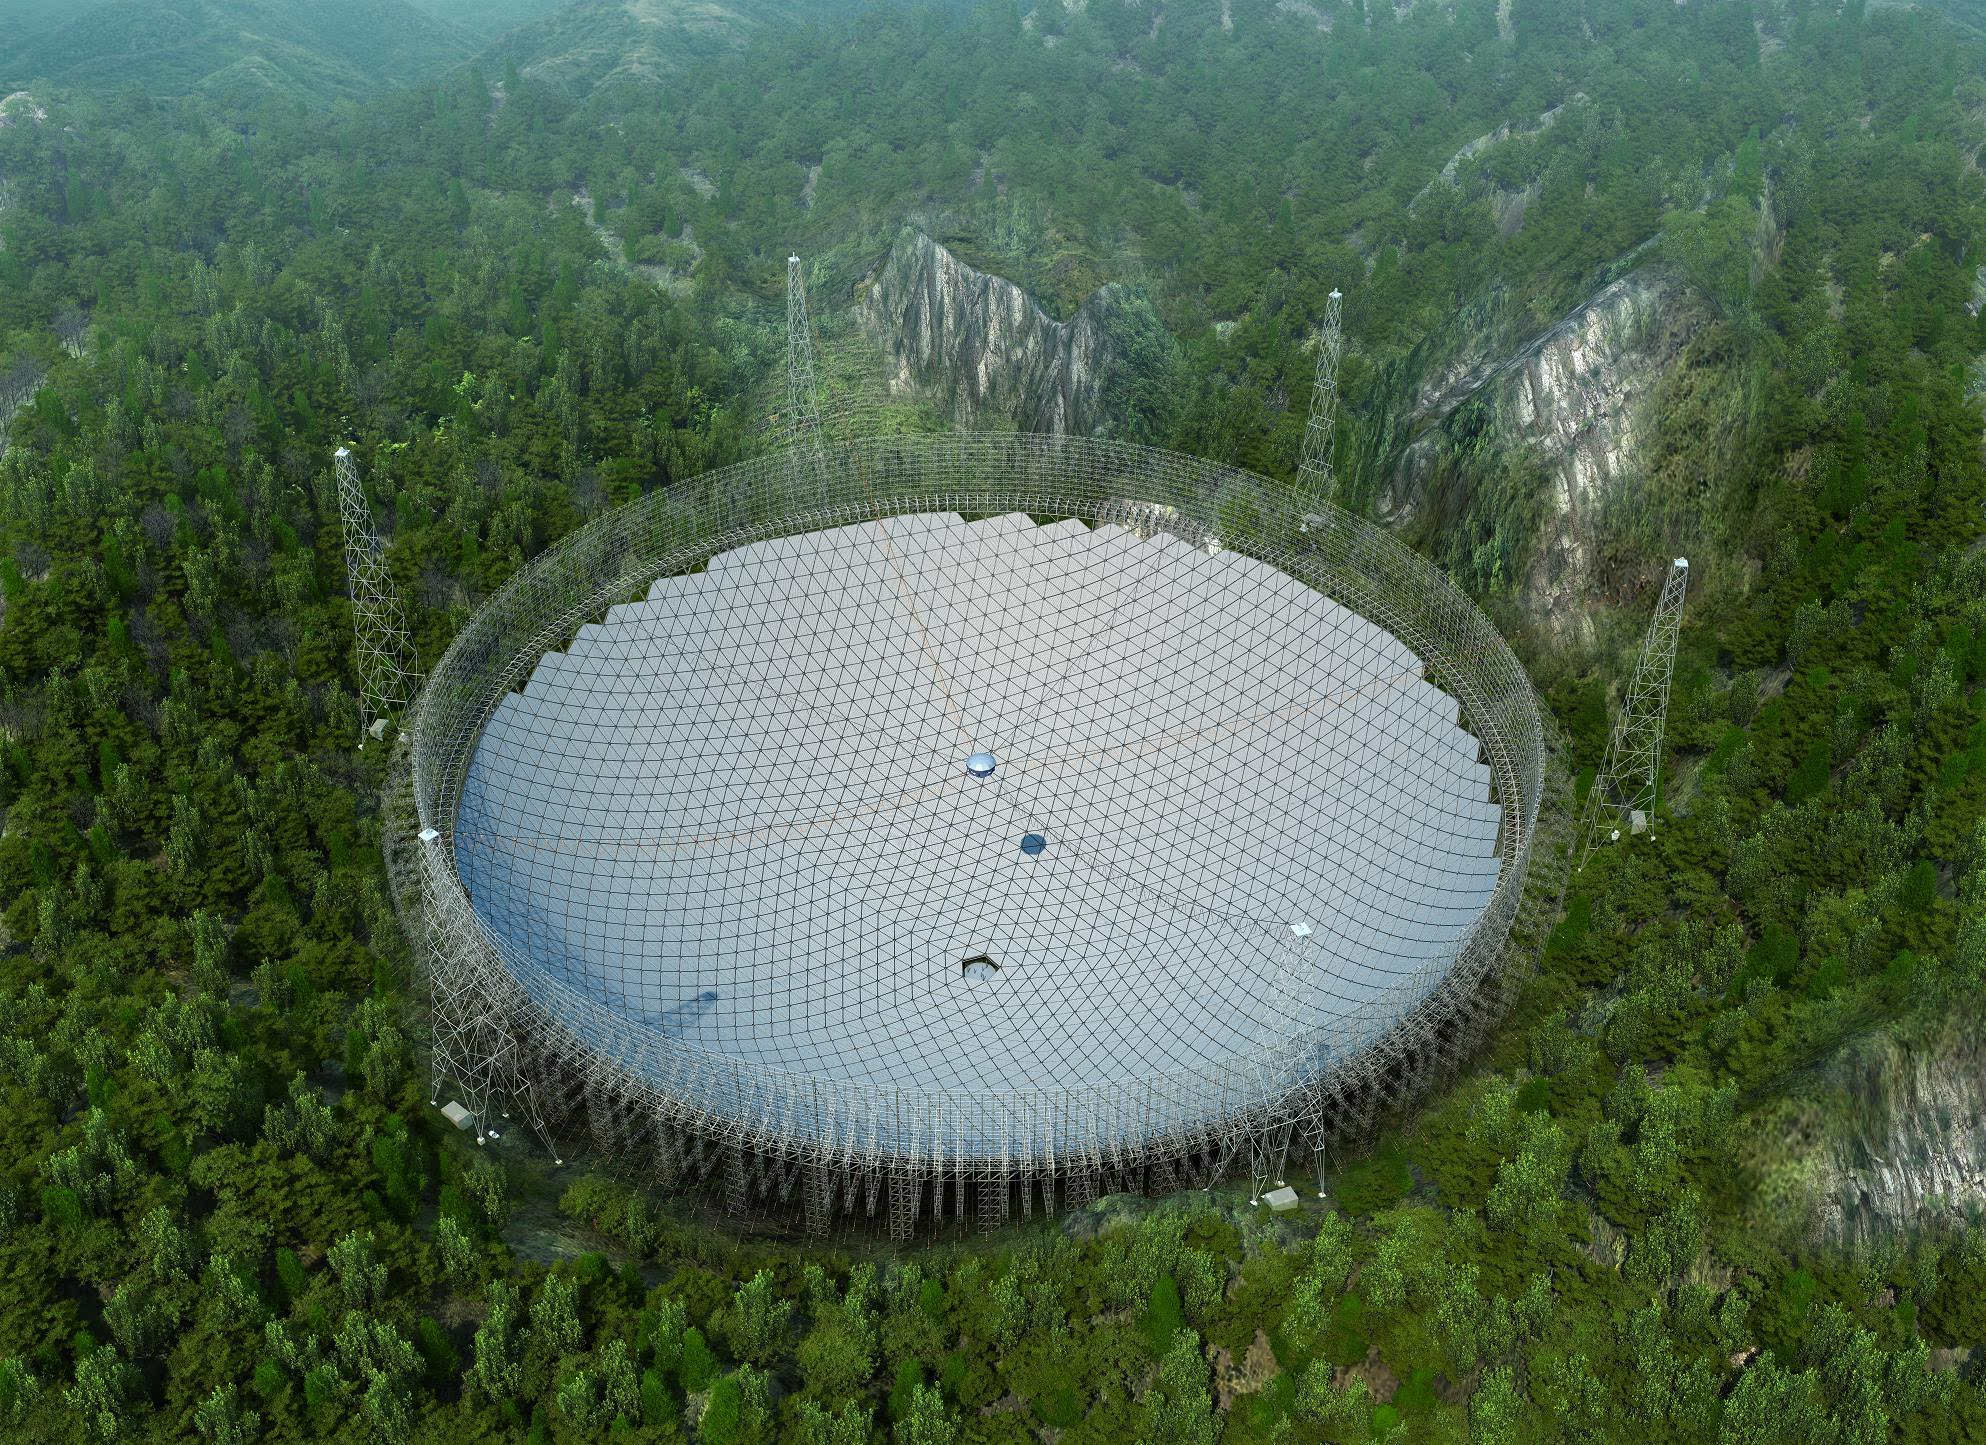 超级天眼整体完工 可收1351光年外脉冲星信号的照片